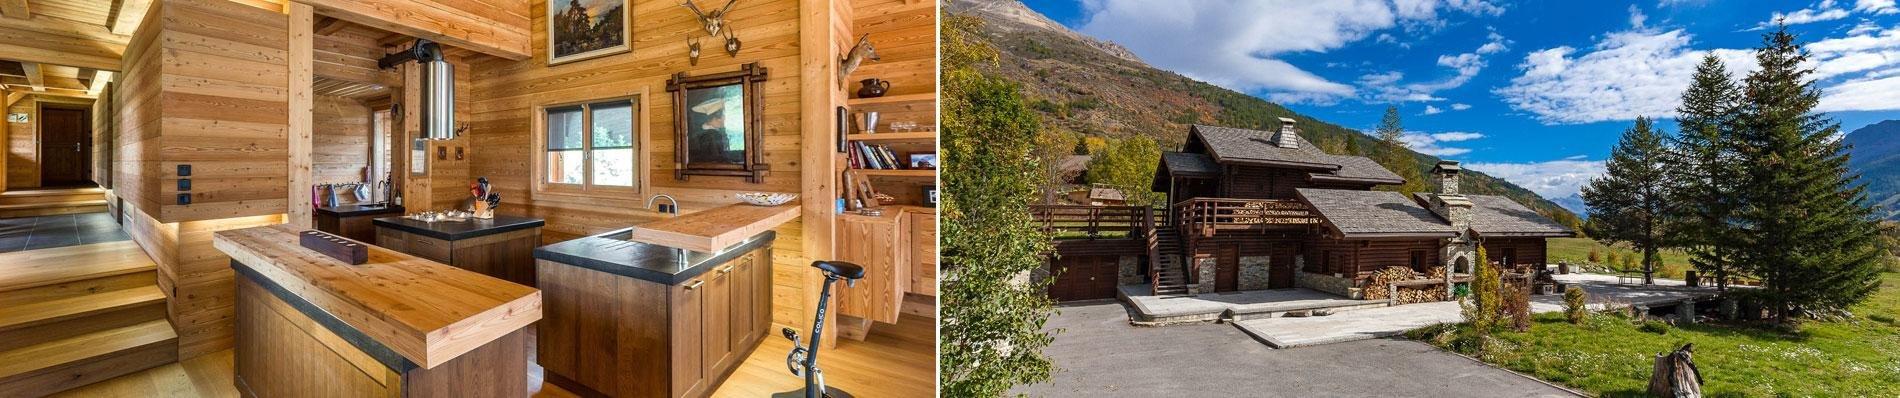 luxe chalets serre chevalier alpen bergen fietsen